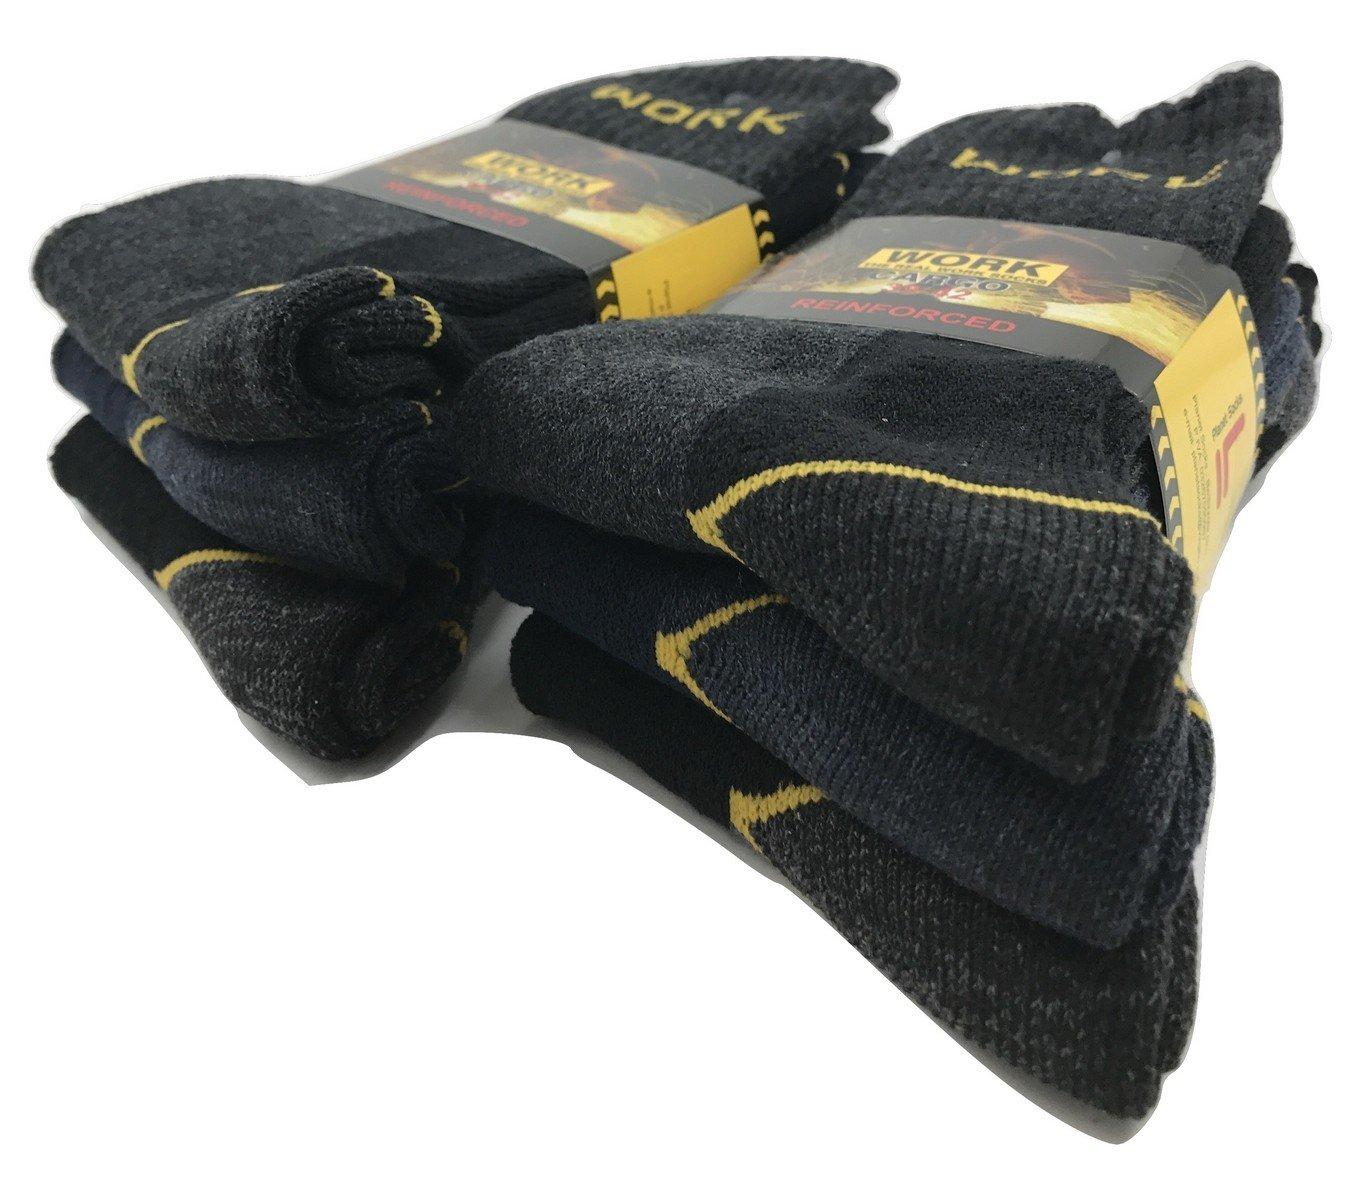 Work - Calcetines de trabajo reforzados (6 pares, esponja de algodón de refuerzo en talón y punta) 43-46: Amazon.es: Deportes y aire libre